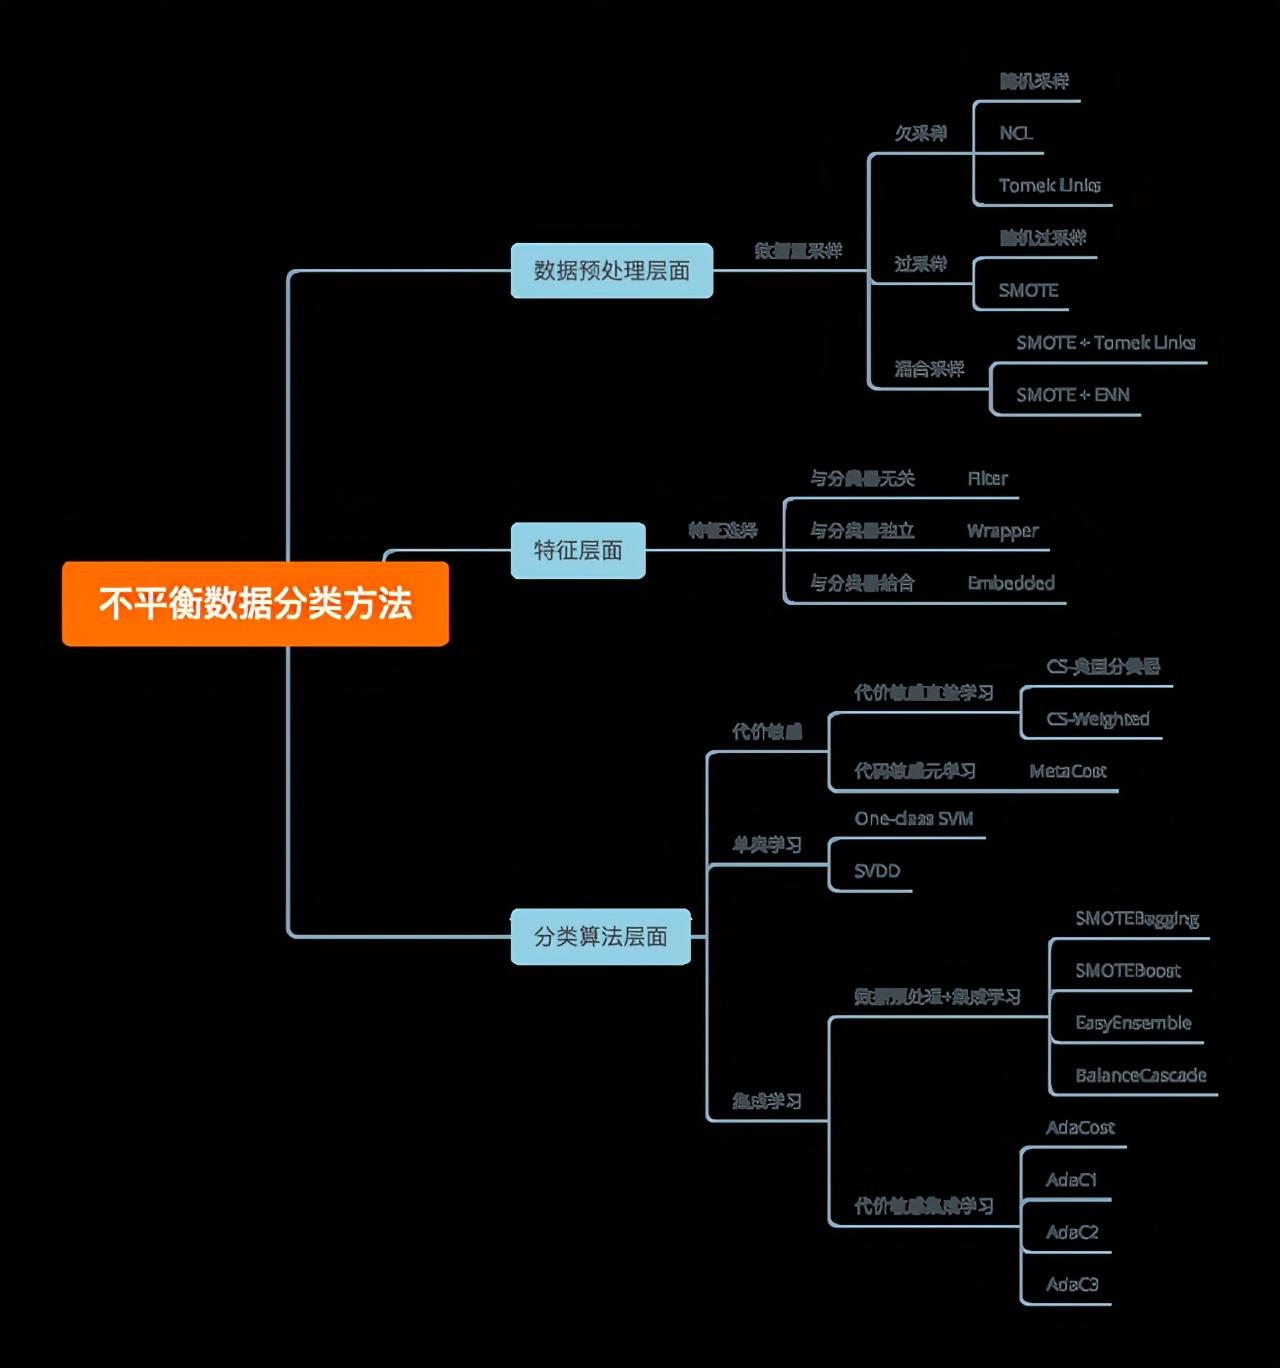 一个企业级<a href='/map/shujuwajue/' style='color:#000;font-size:14px;'>数据挖掘</a>实战项目,教育<a href='/map/shujuwajue/' style='color:#000;font-size:14px;'>数据挖掘</a>